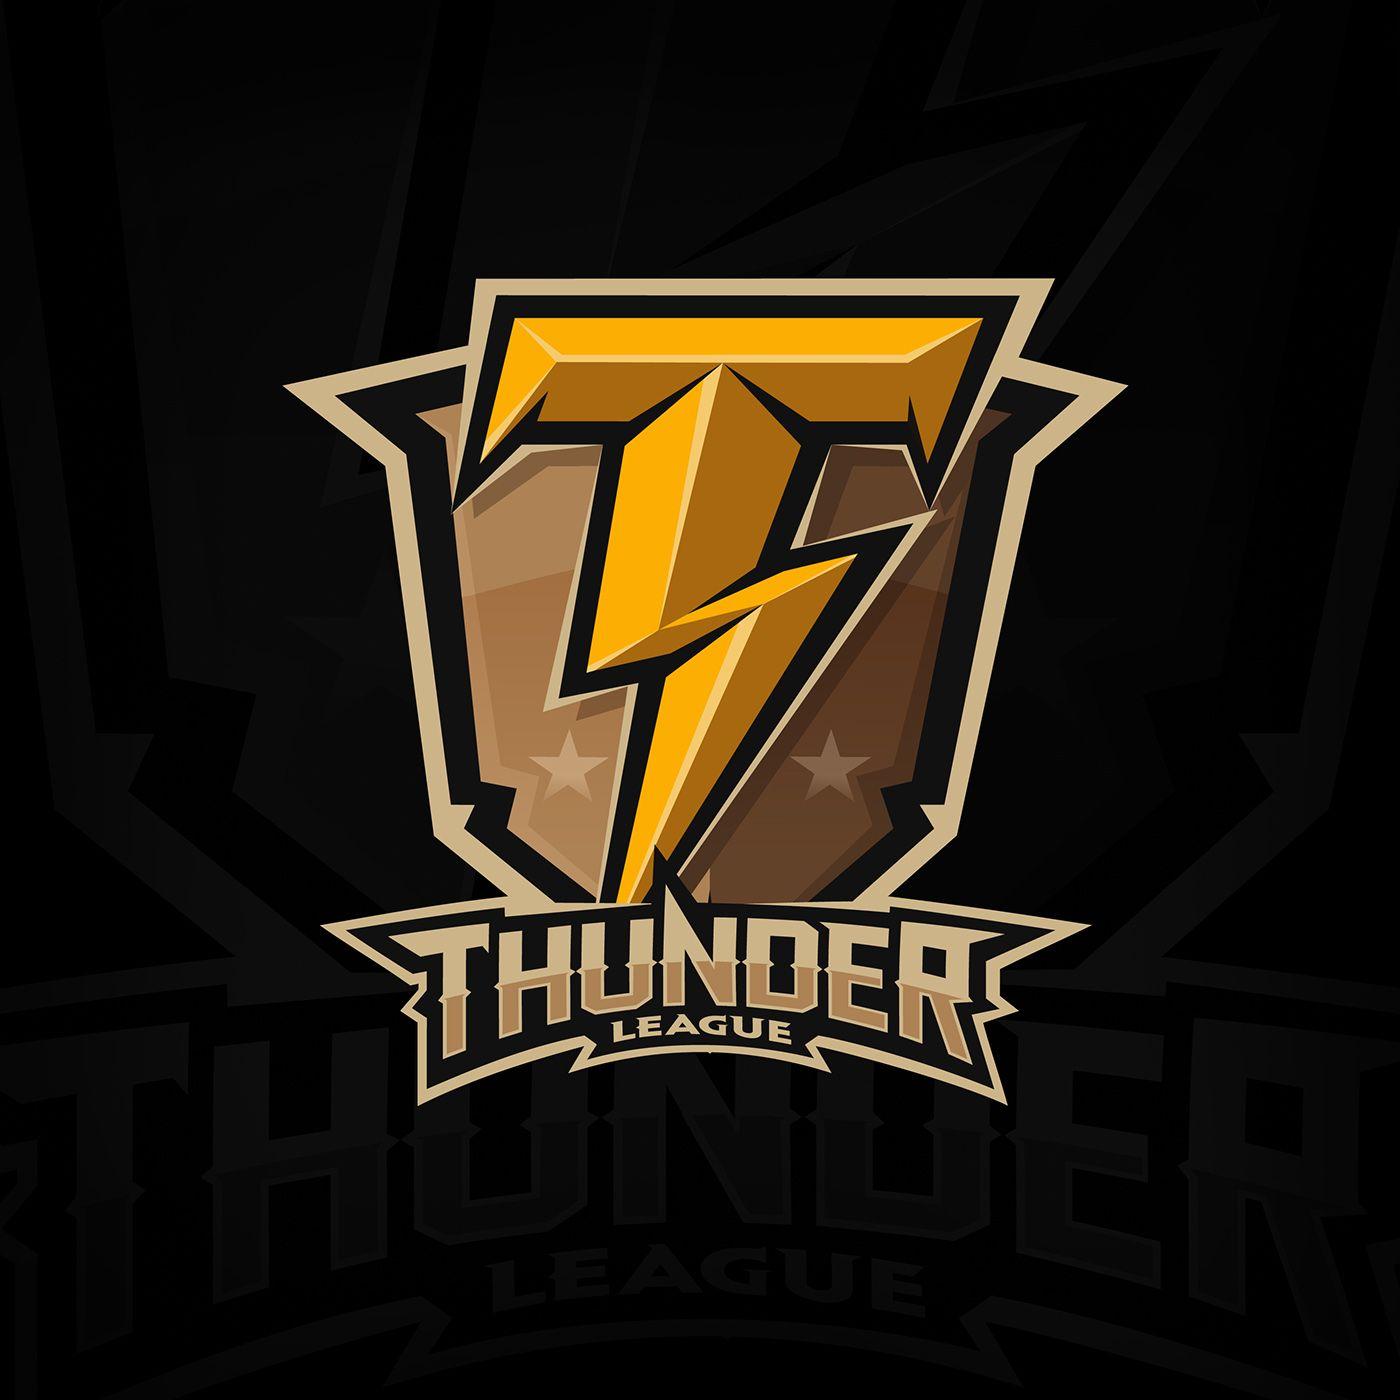 Desain Logo Online, Desain Logo Futsal, Desain Logo Baju